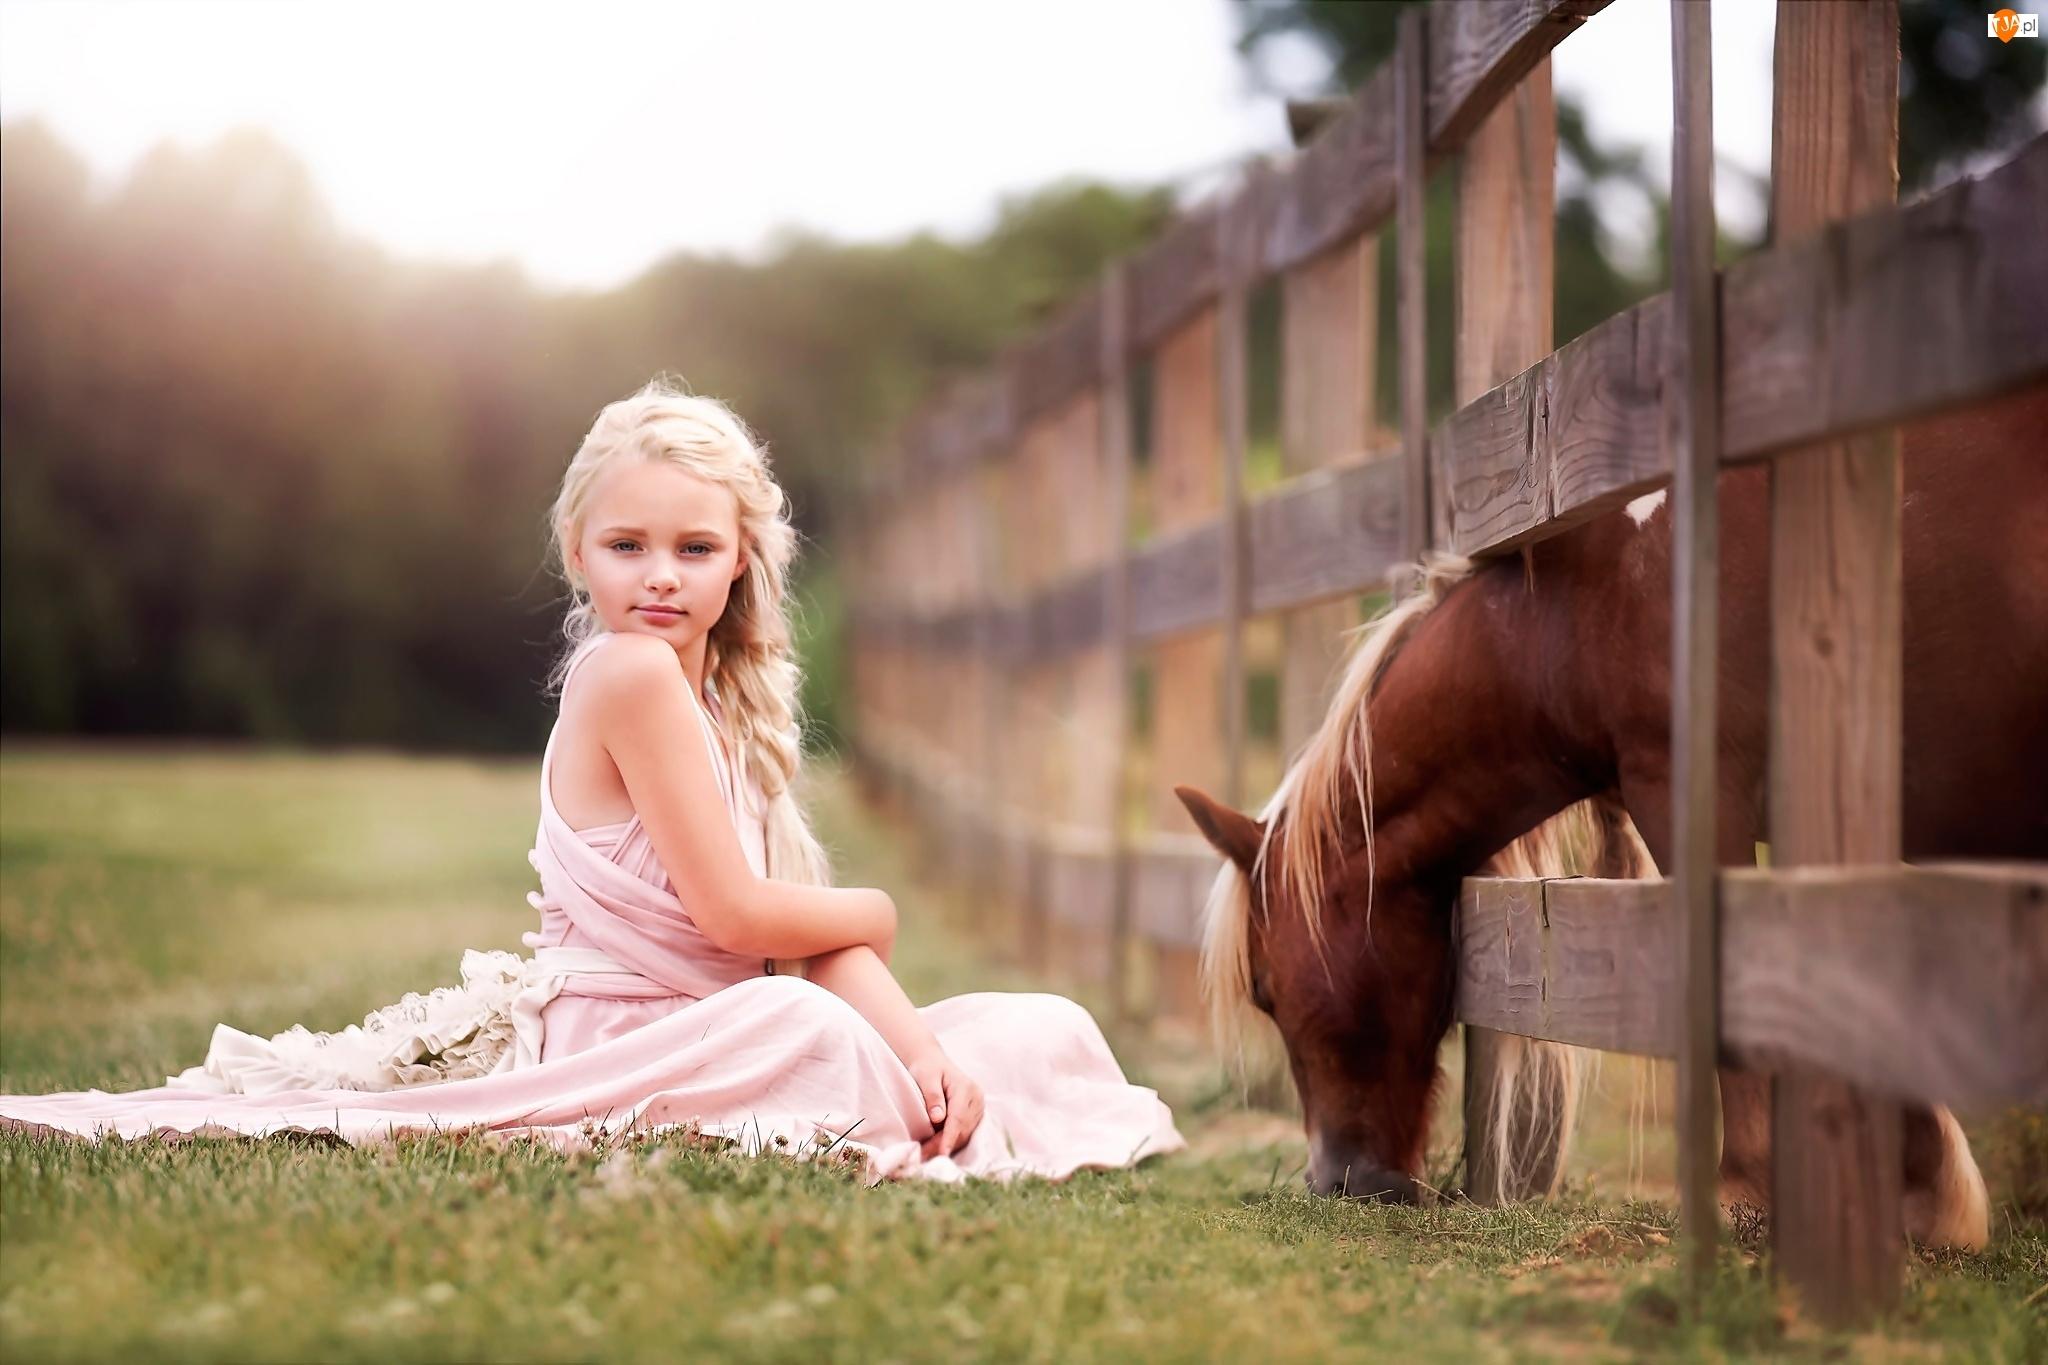 Dziewczynka, Ogrodzenie, Koń, Płot